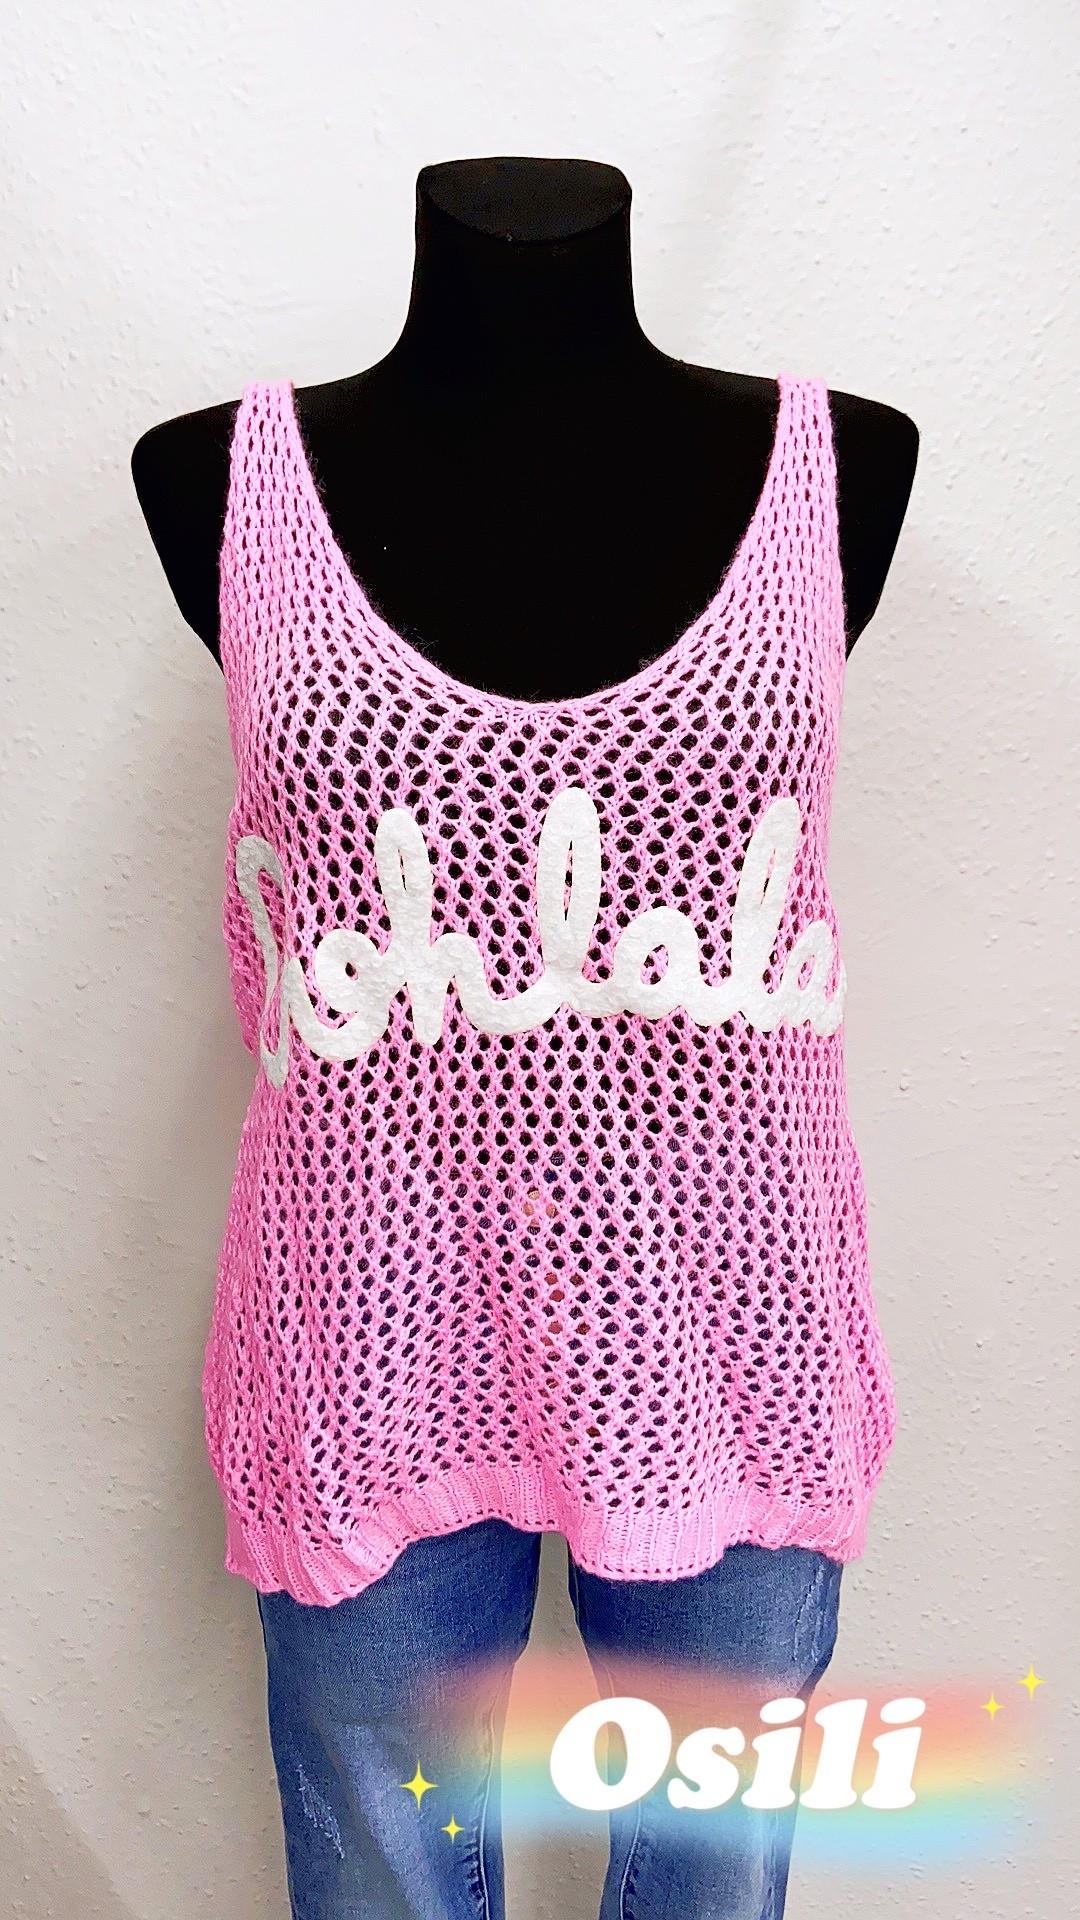 ABF5C259 3306 4BA0 901D EB30FA63F3BB Osili - Fashion - Divat